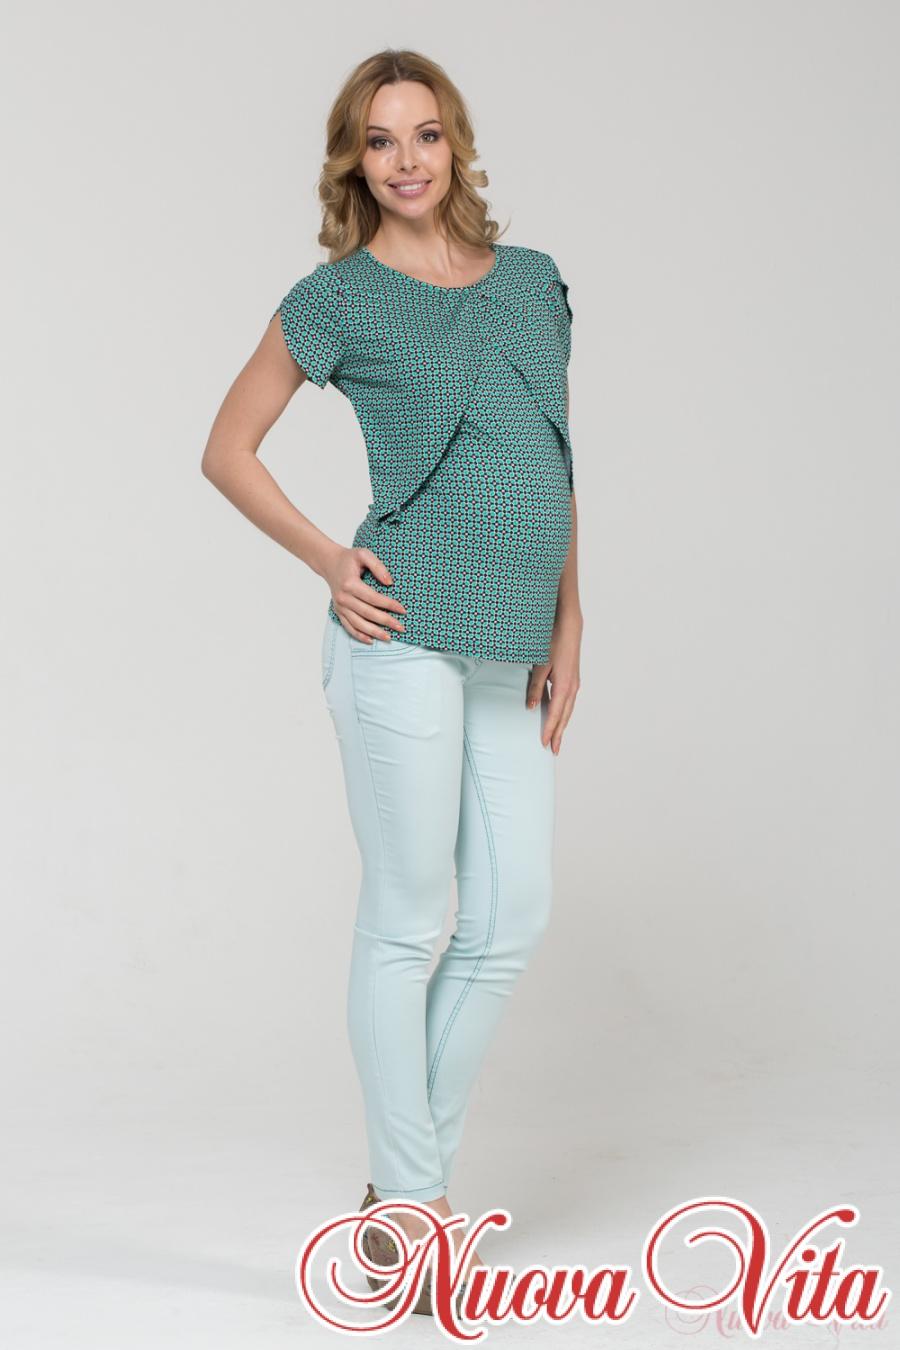 Блуза для беременных - Nuova Vita Оптовый интернет-магазин, одежда ... e2848c792d9